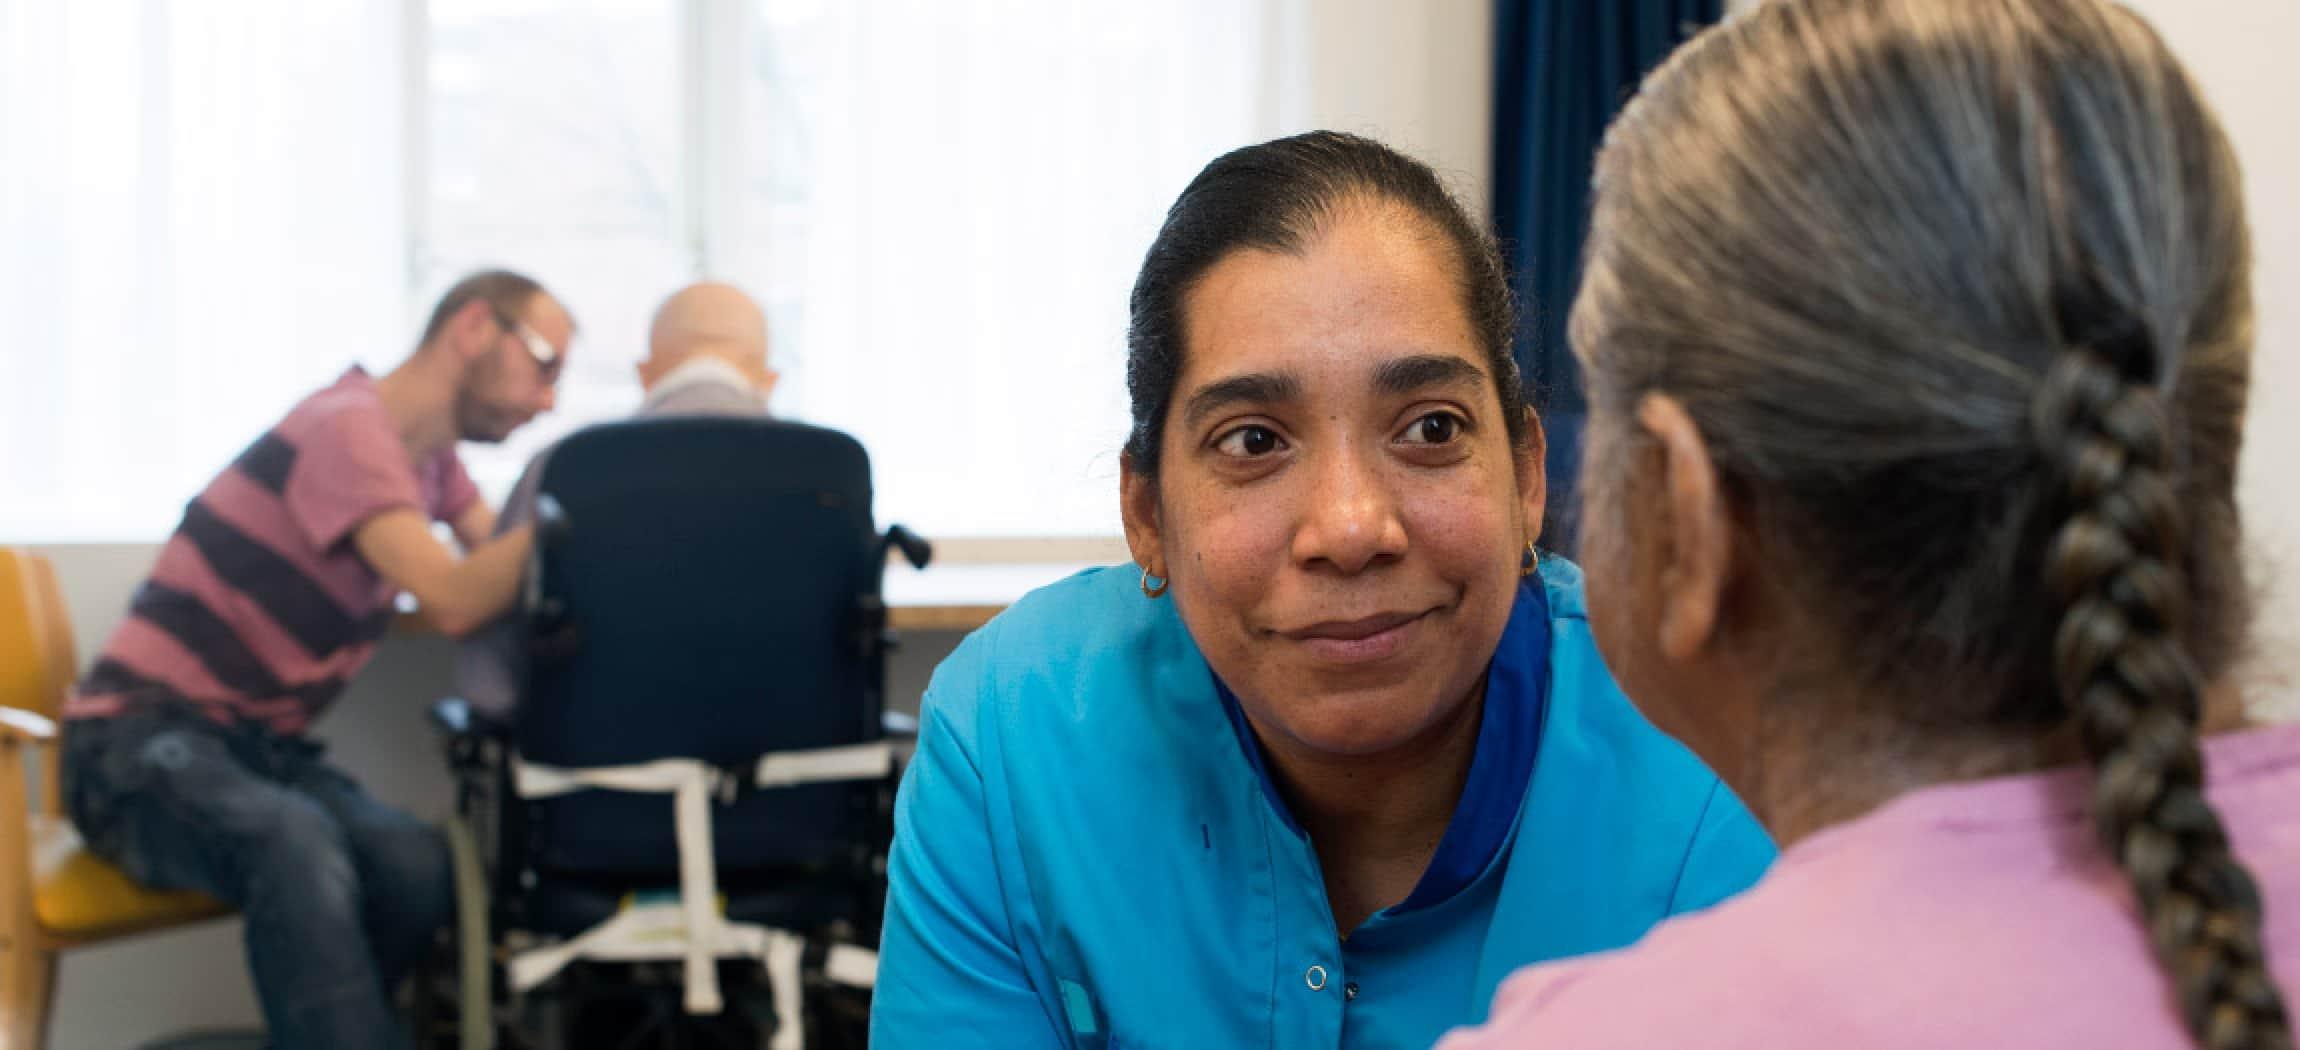 Onderzoek en behandeling van ernstige gedragsproblemen bij dementie